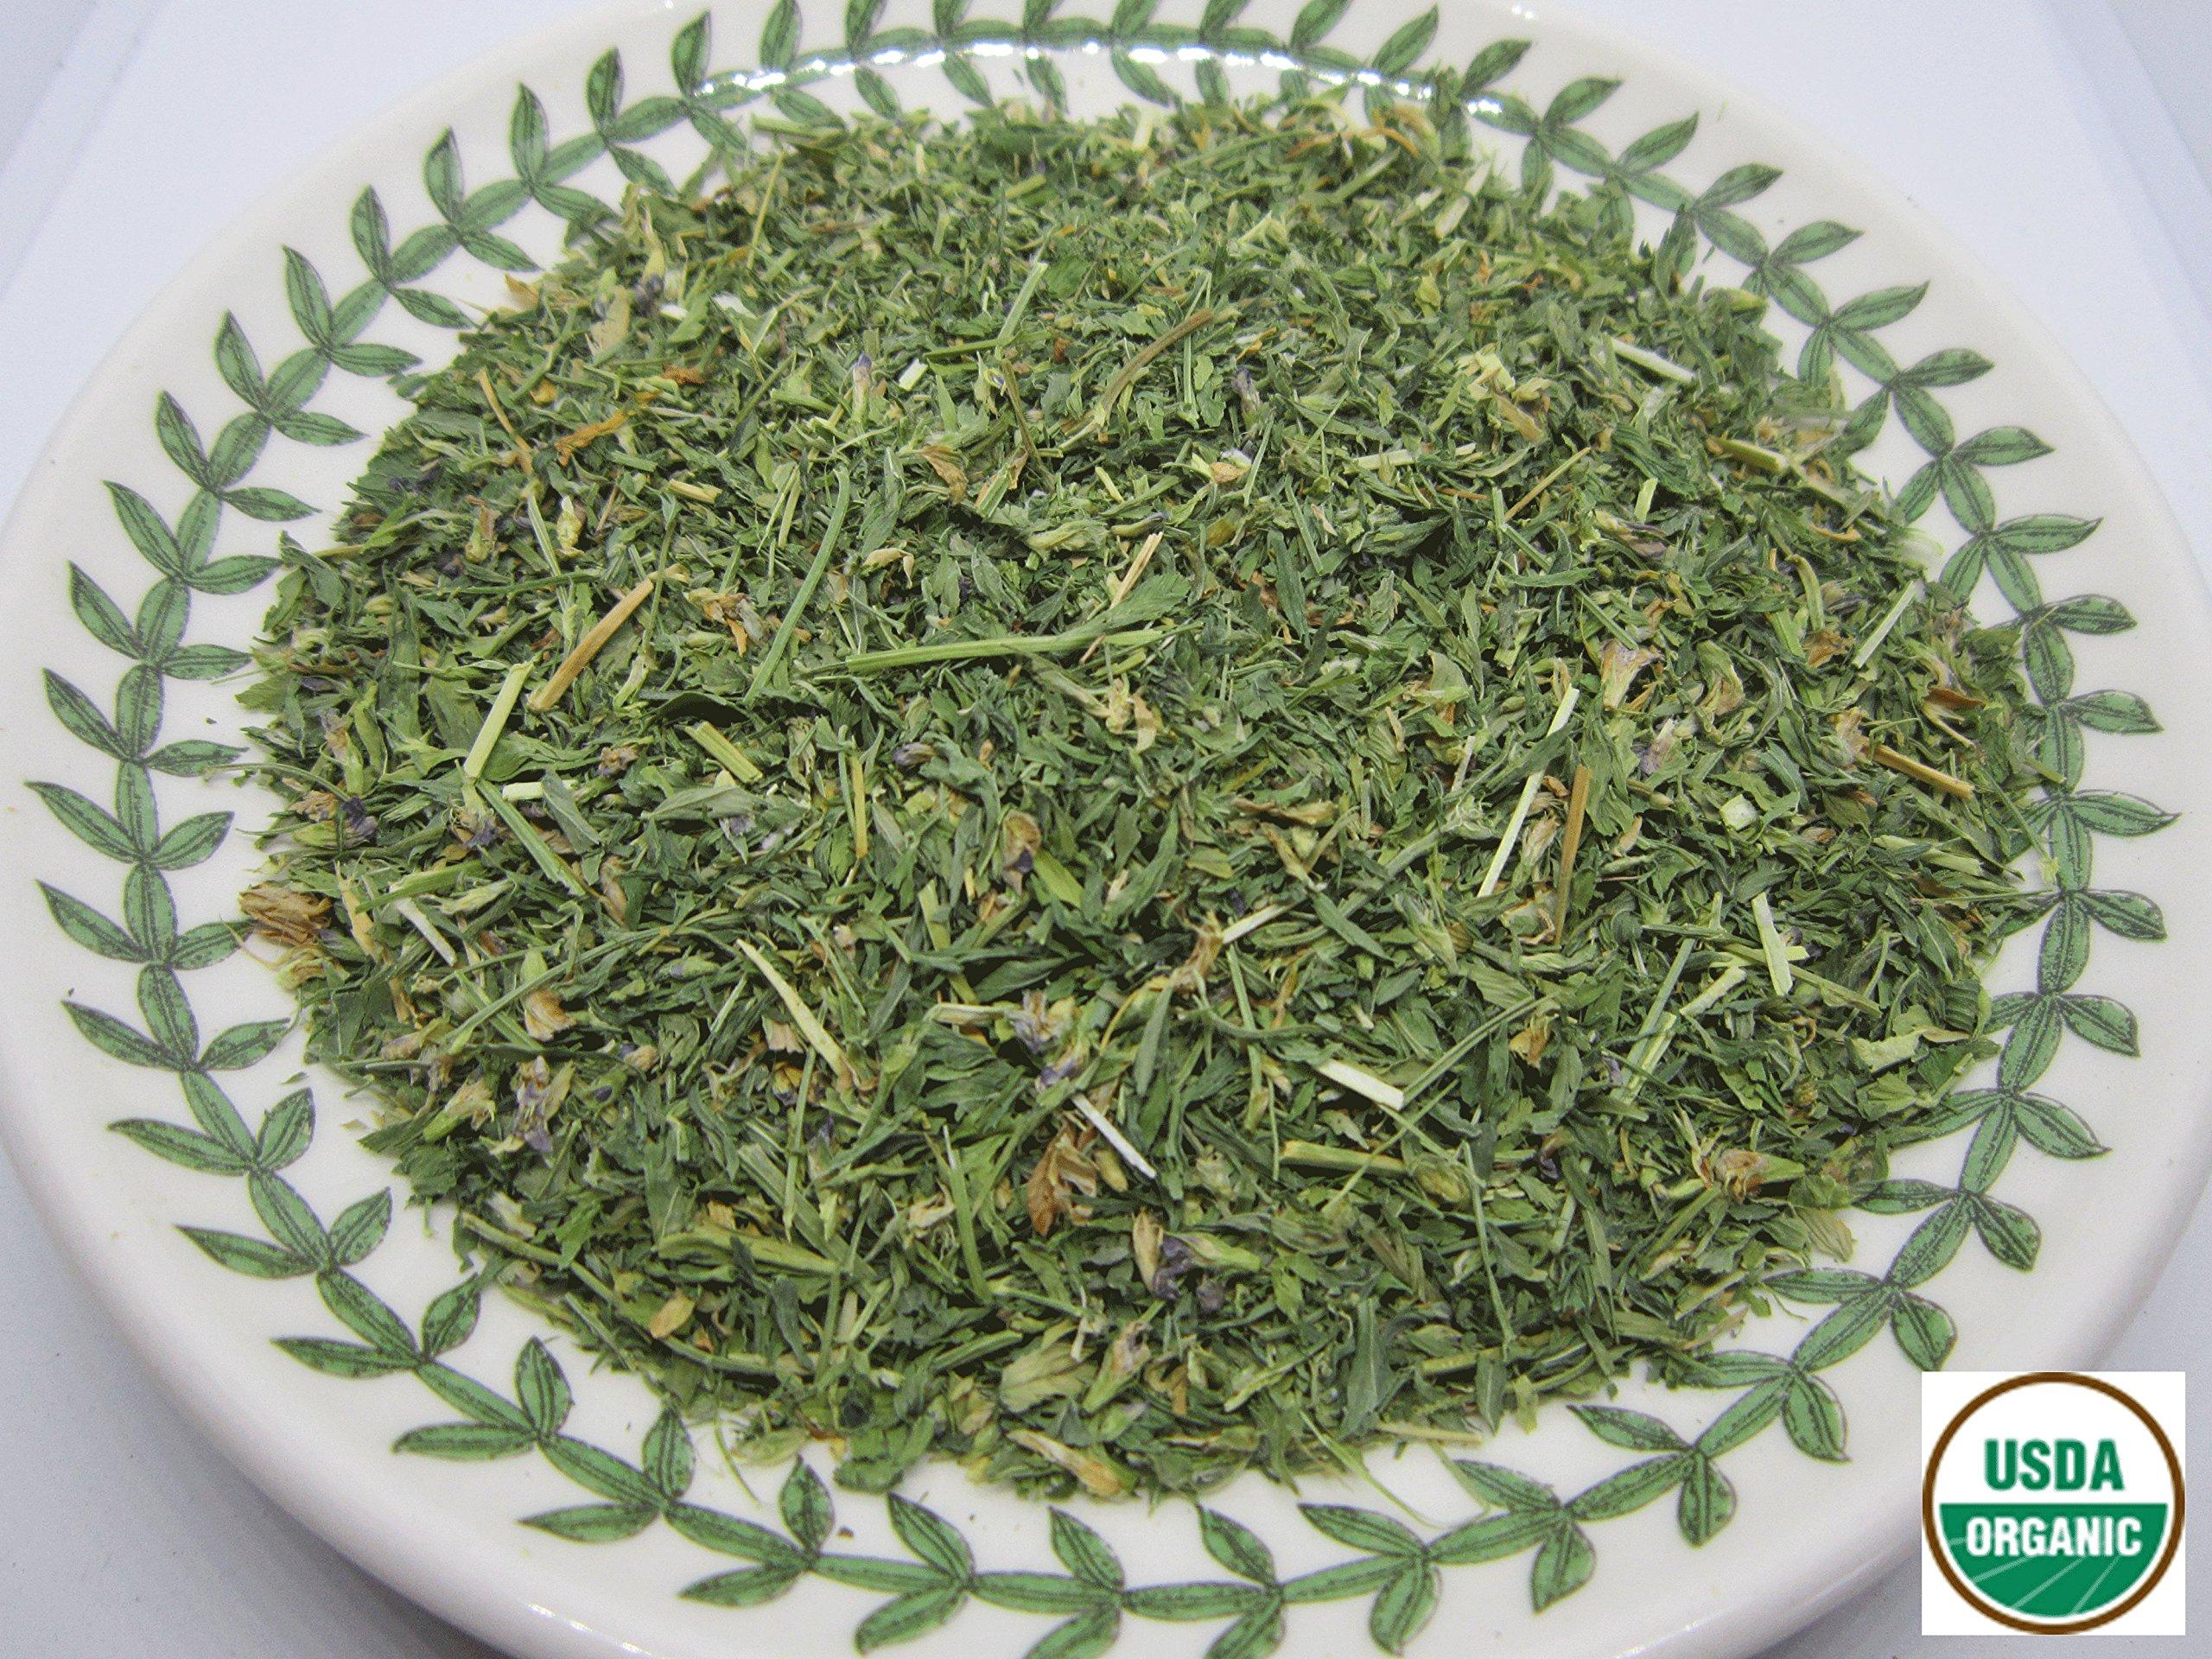 Organic Alfalfa - Medicago sativa Loose Leaf c/s 100% from Nature (4 oz)